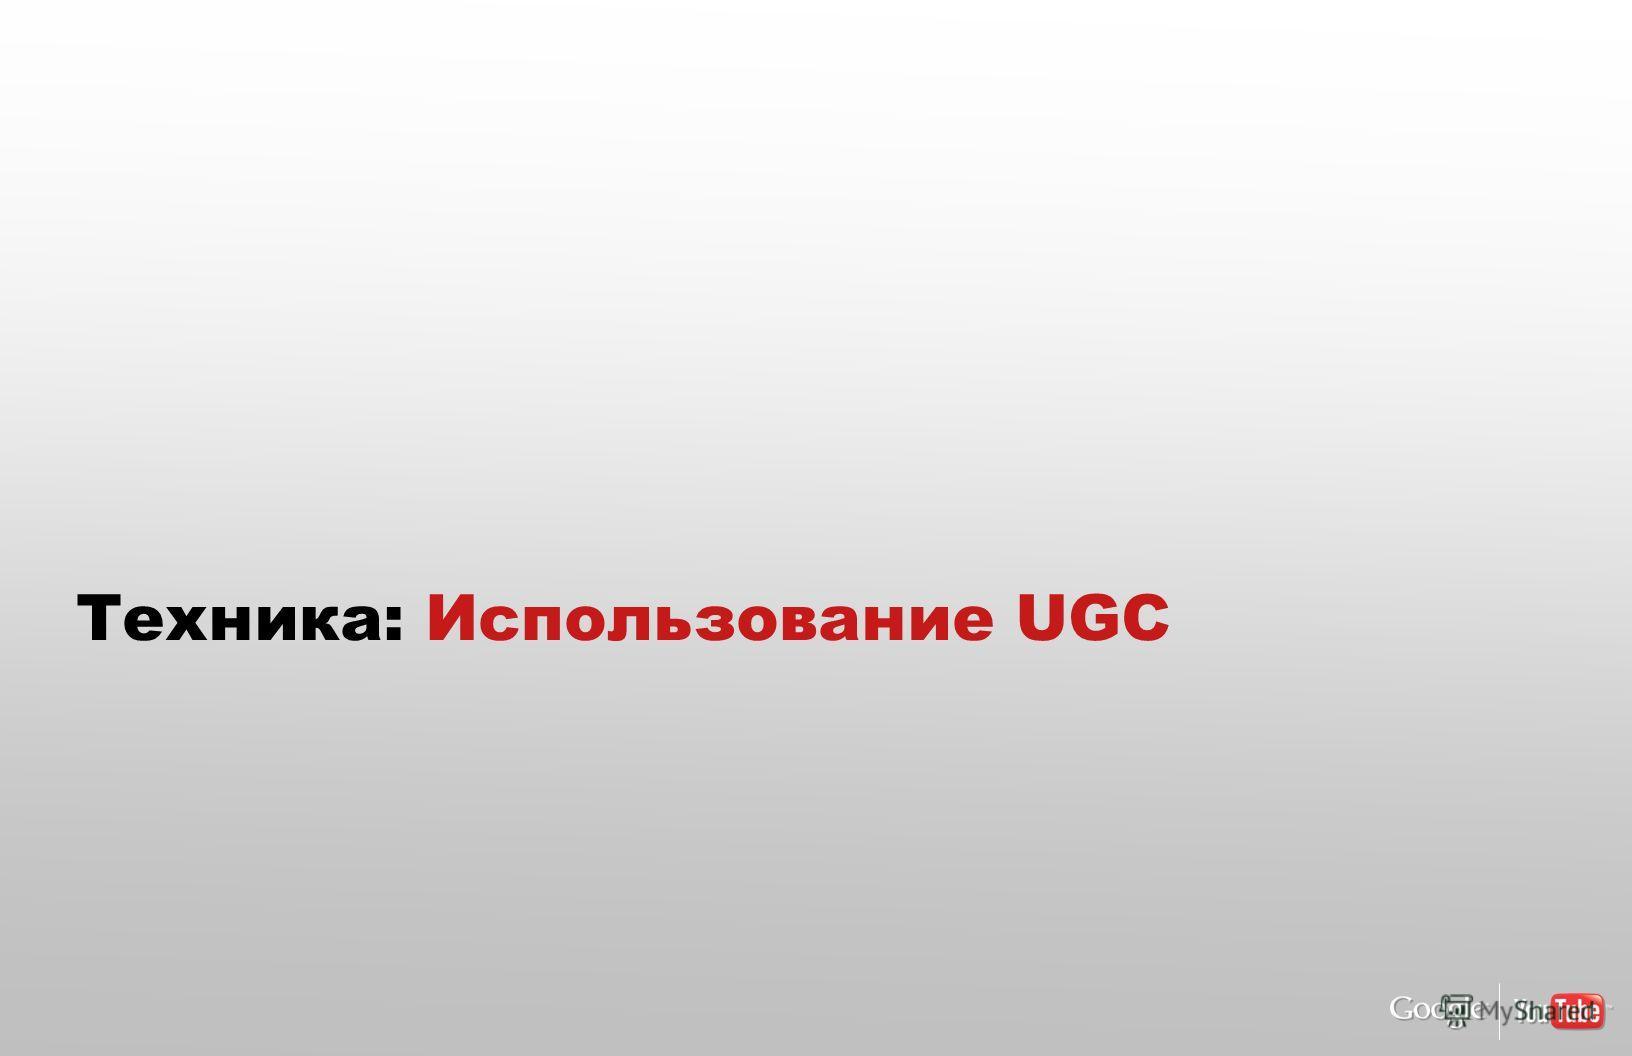 Техника: Использование UGC